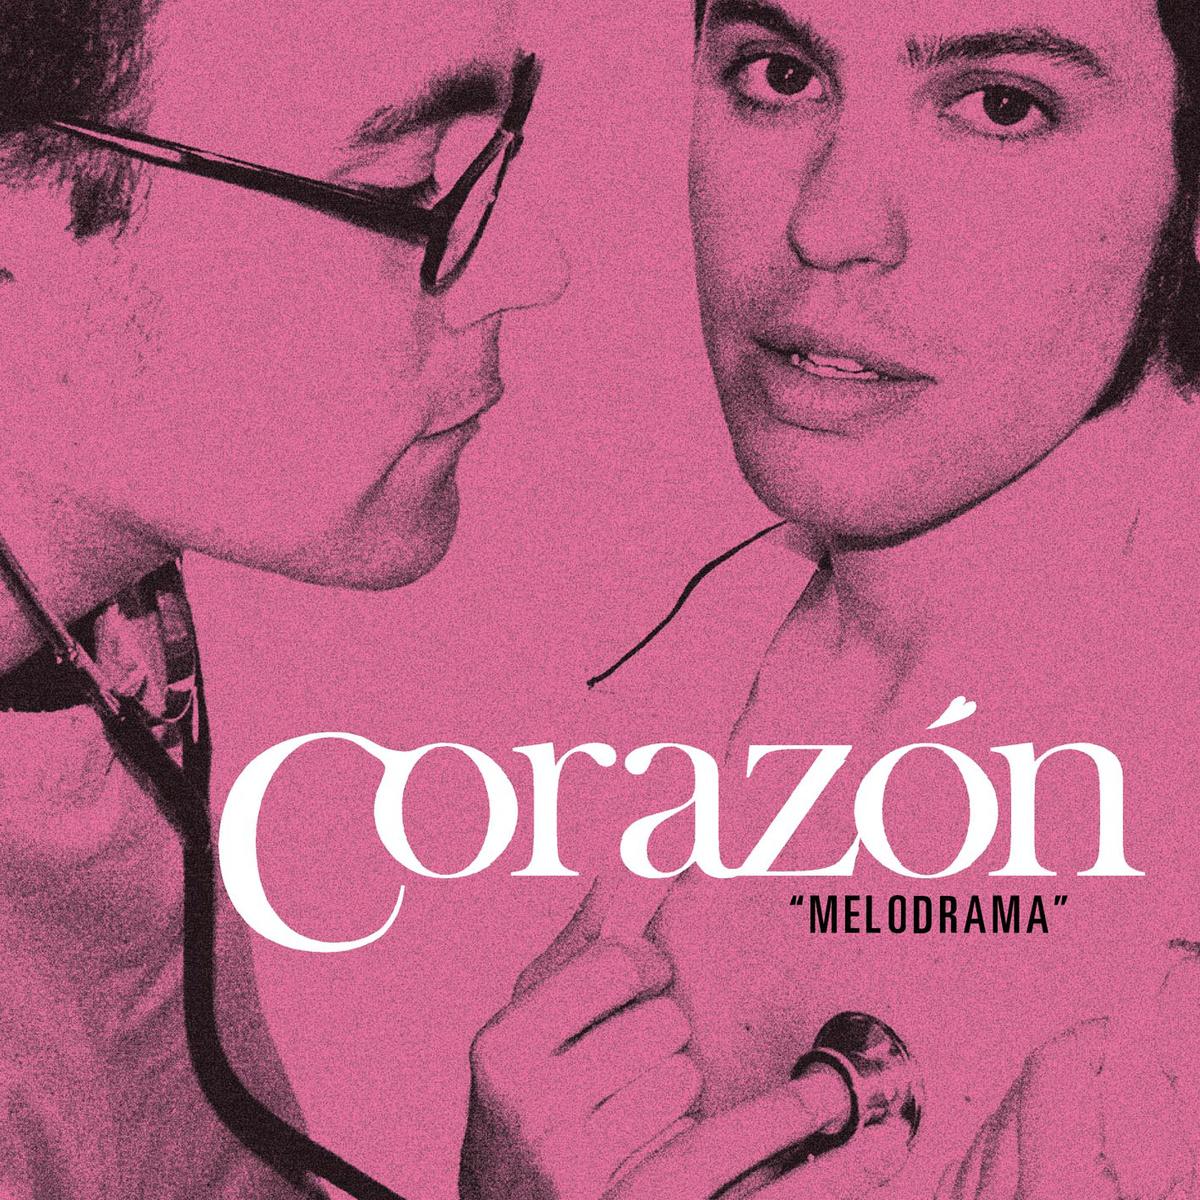 portada del album Melodrama